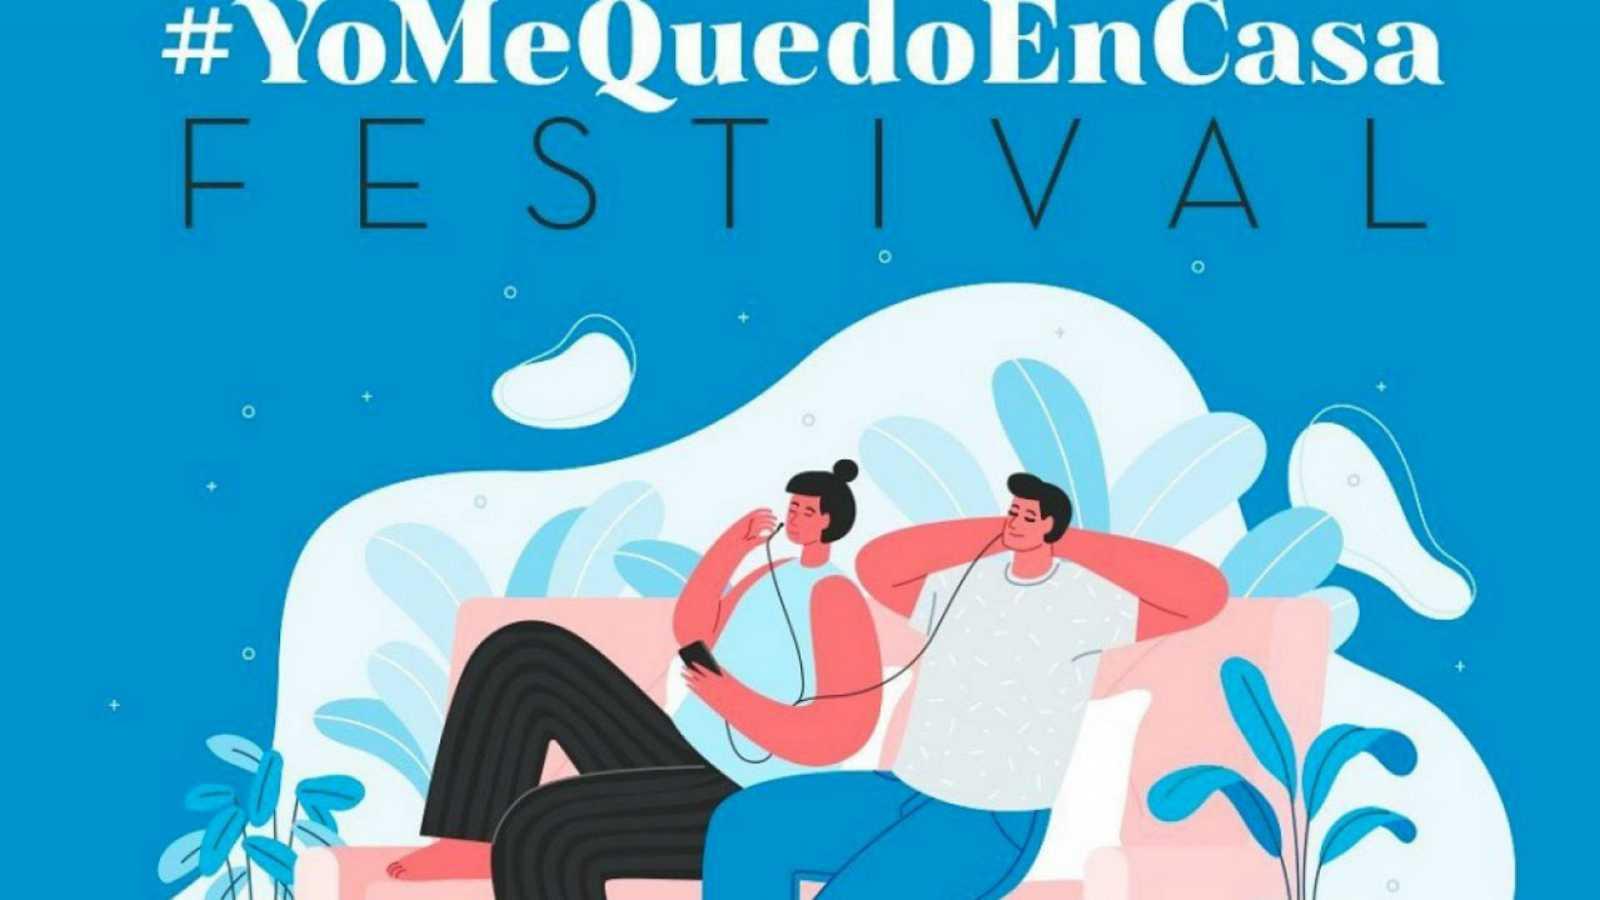 Segunda edición de #YoMeQuedoEnCasaFestival